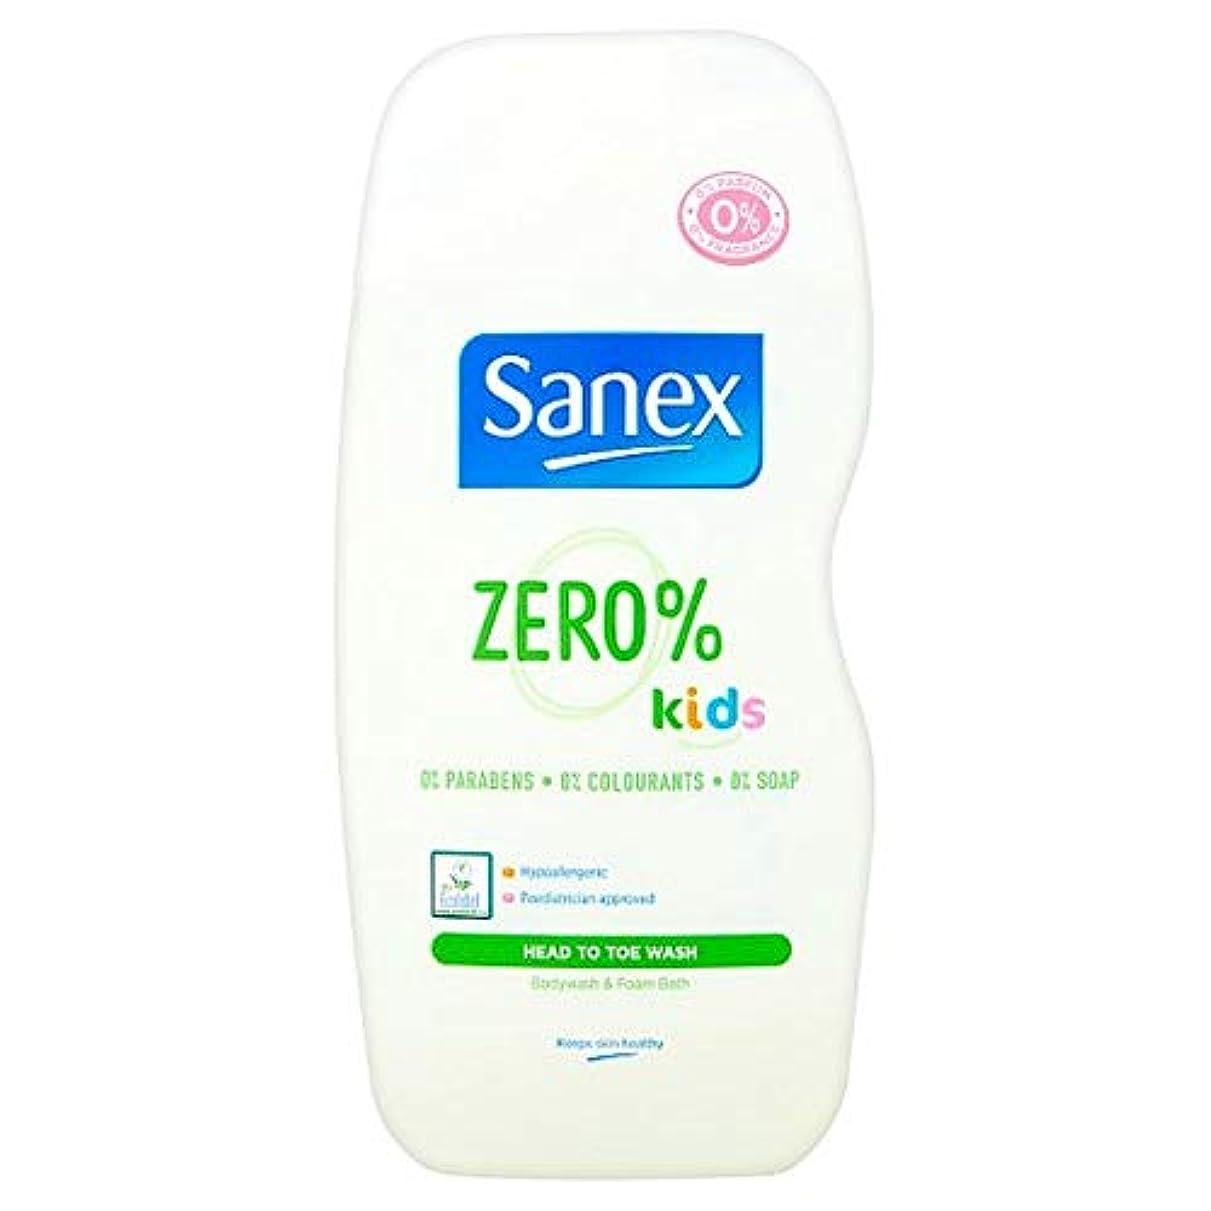 連帯マイクロプロセッサクラブ[Sanex] Sanexゼロ%キッズボディウォッシュとFoambath 500ミリリットル - Sanex Zero% Kids Body Wash And Foambath 500Ml [並行輸入品]